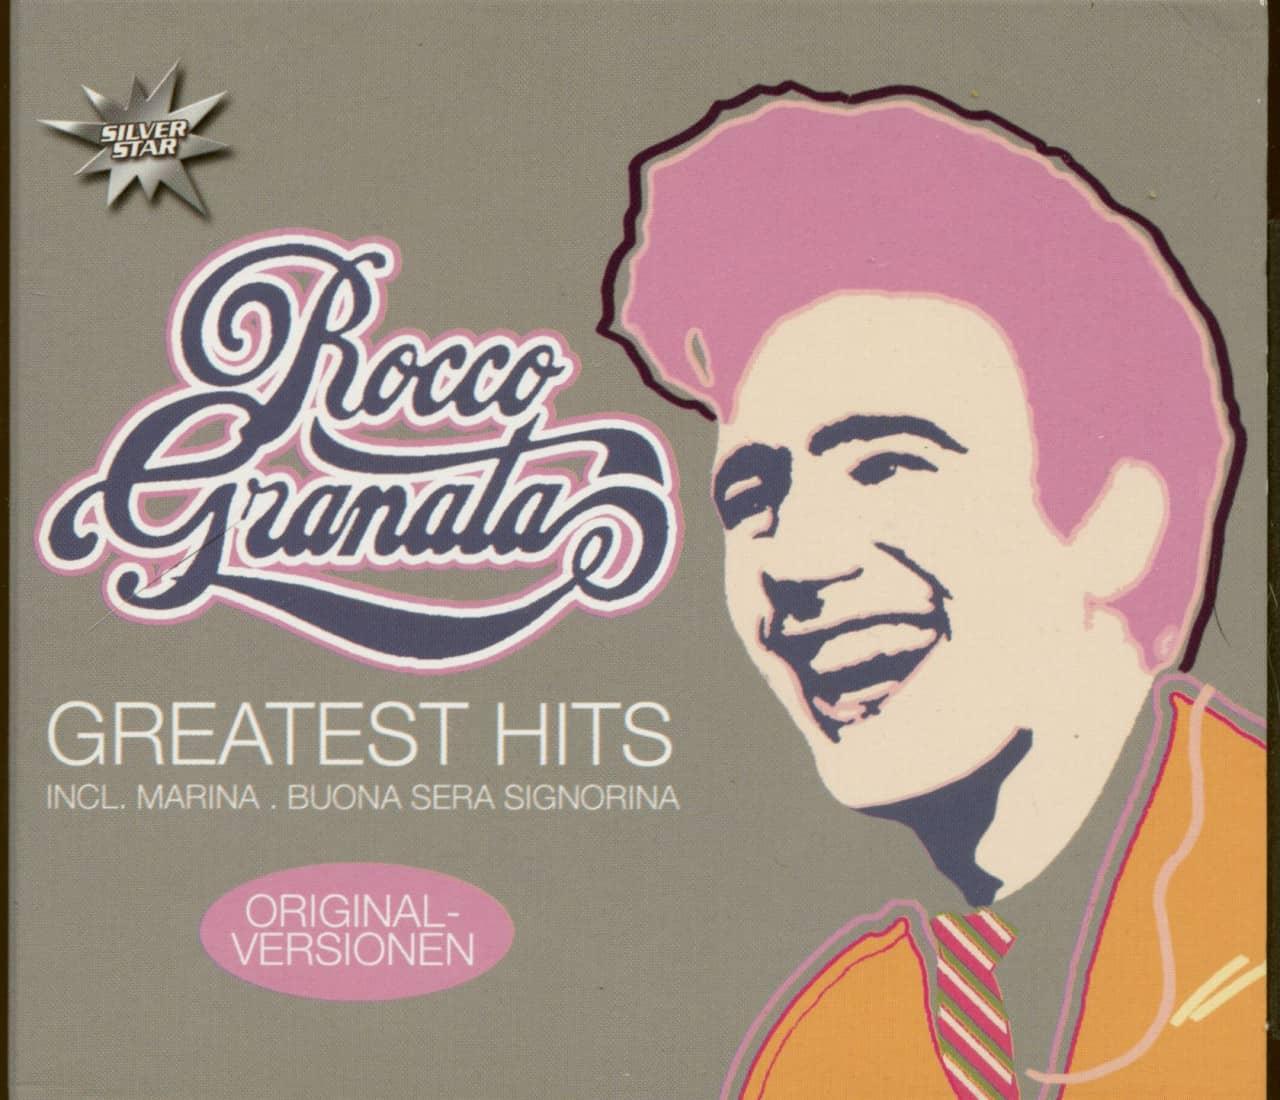 Rocco Granata - Greatest Hits (CD)